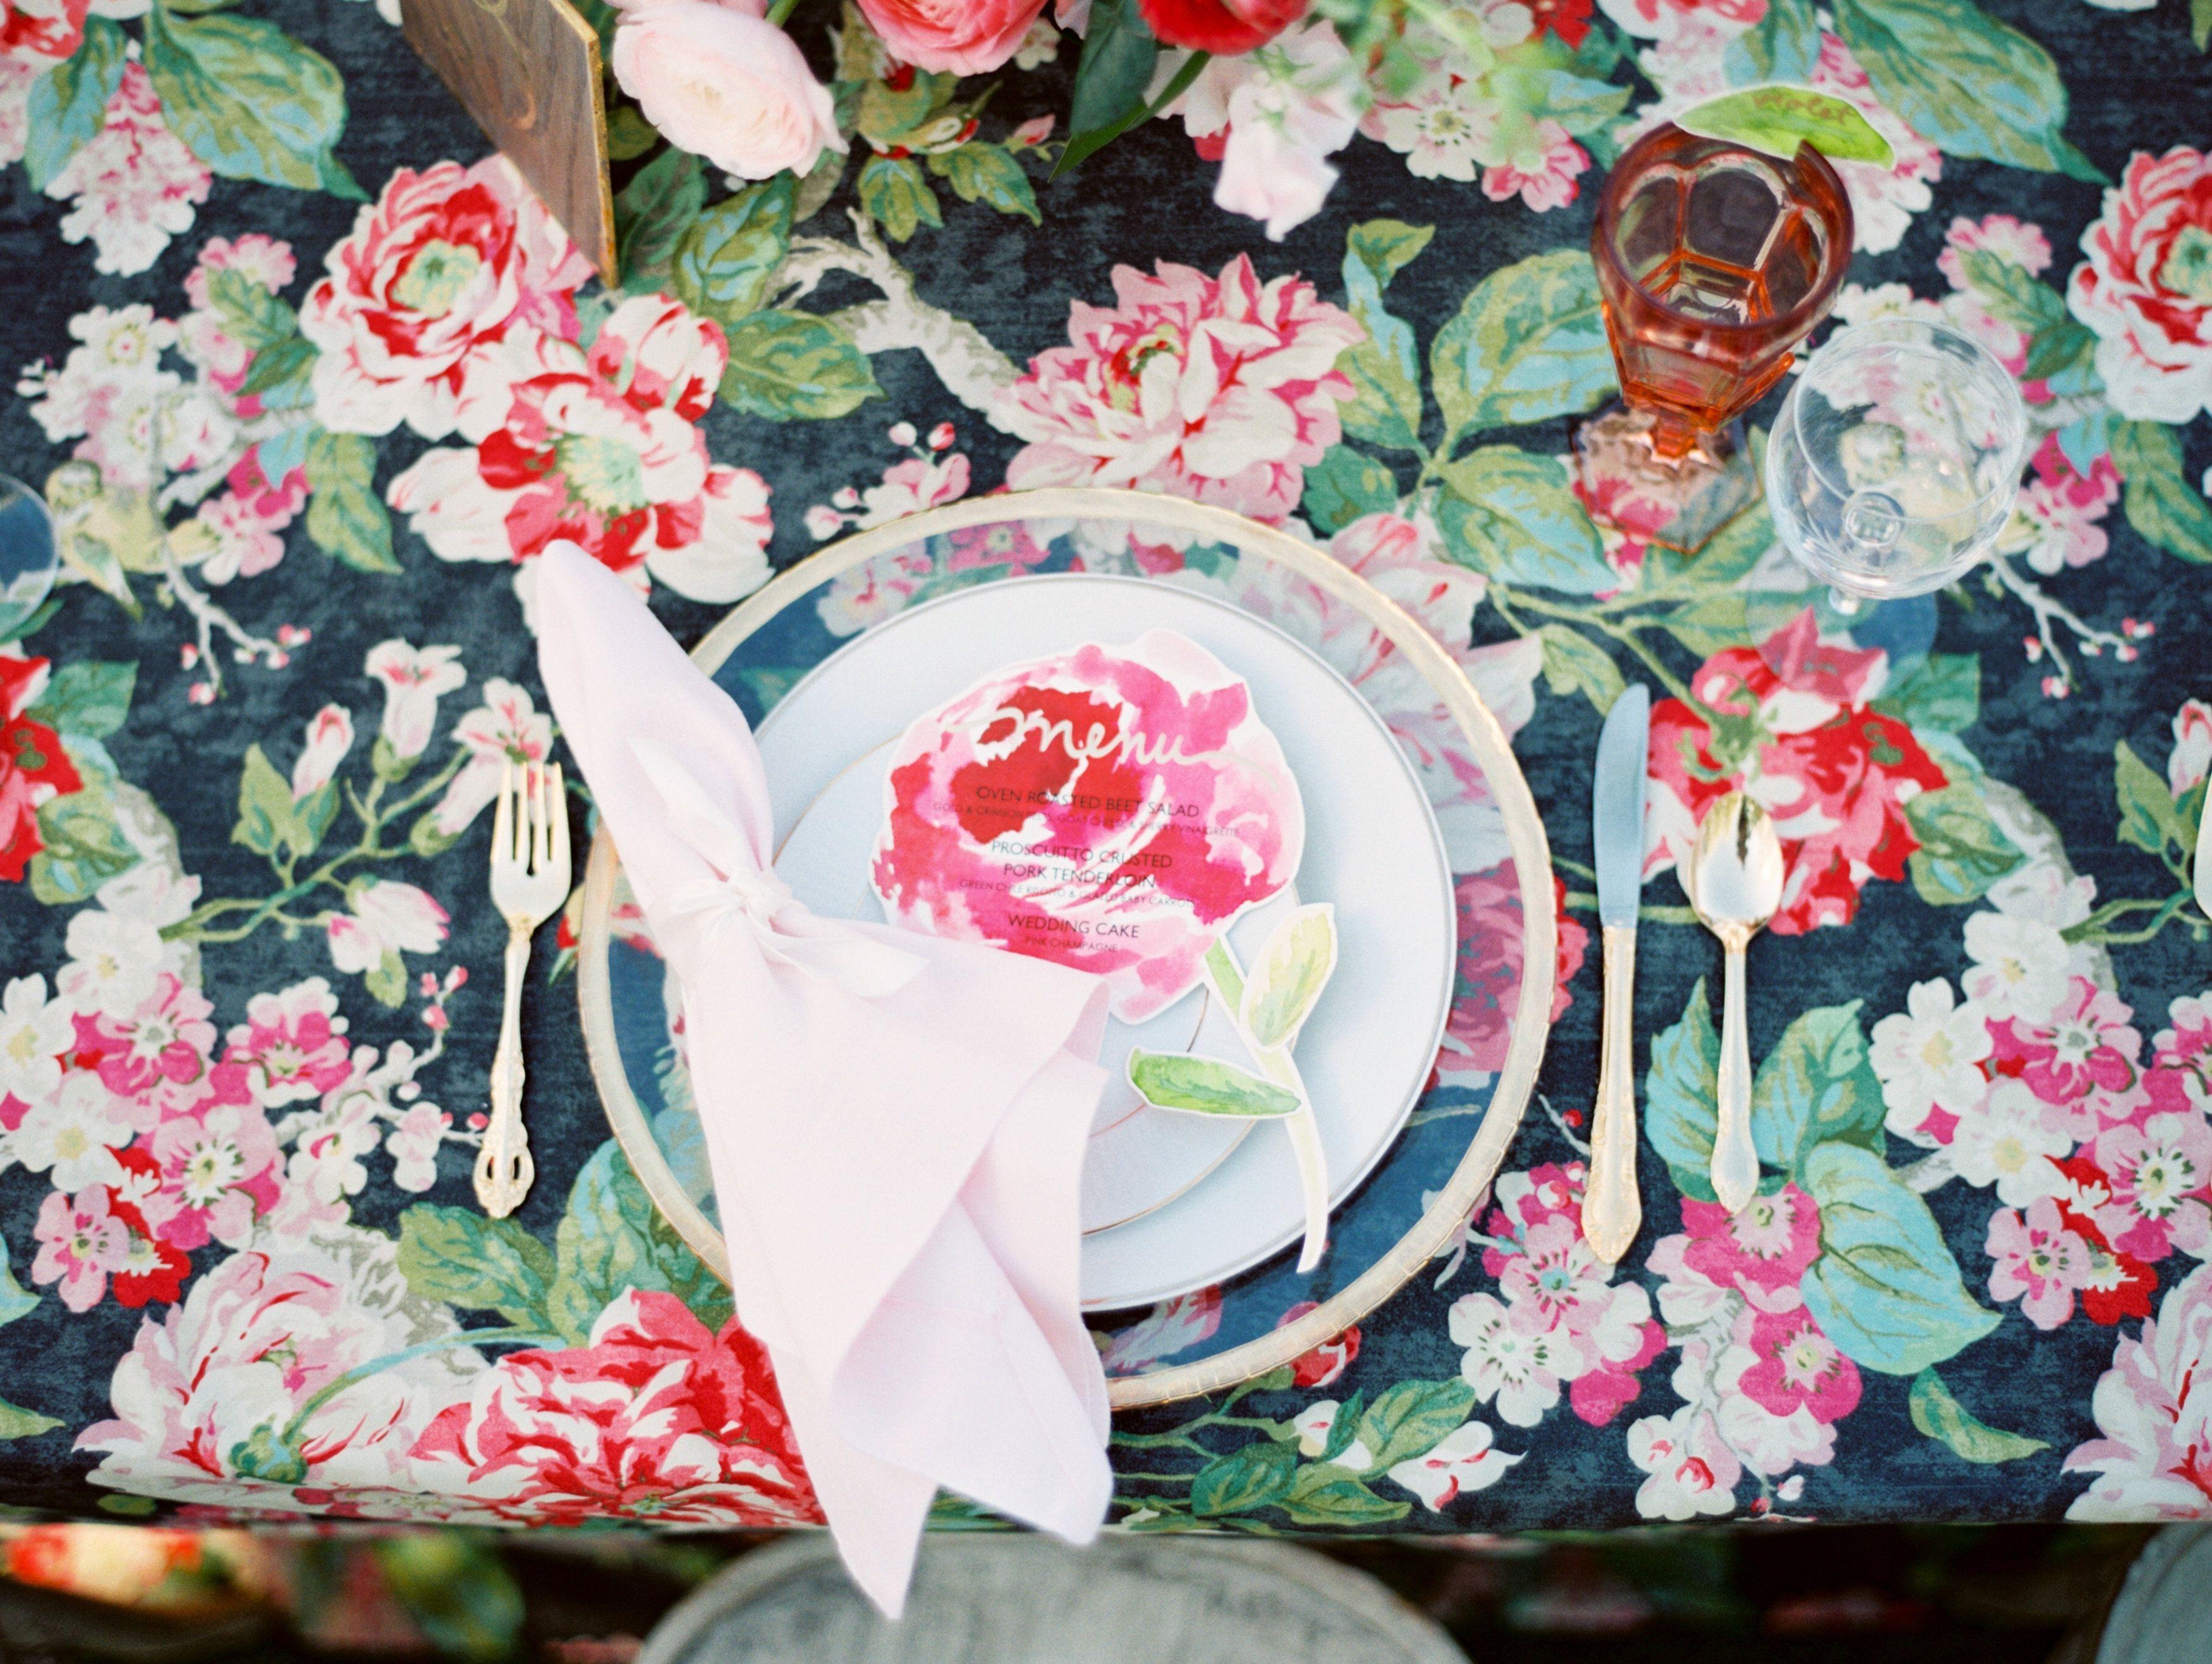 #dinningexperiance #weddingseating #bestweddingvenues #arizonaweddings #tabledecor